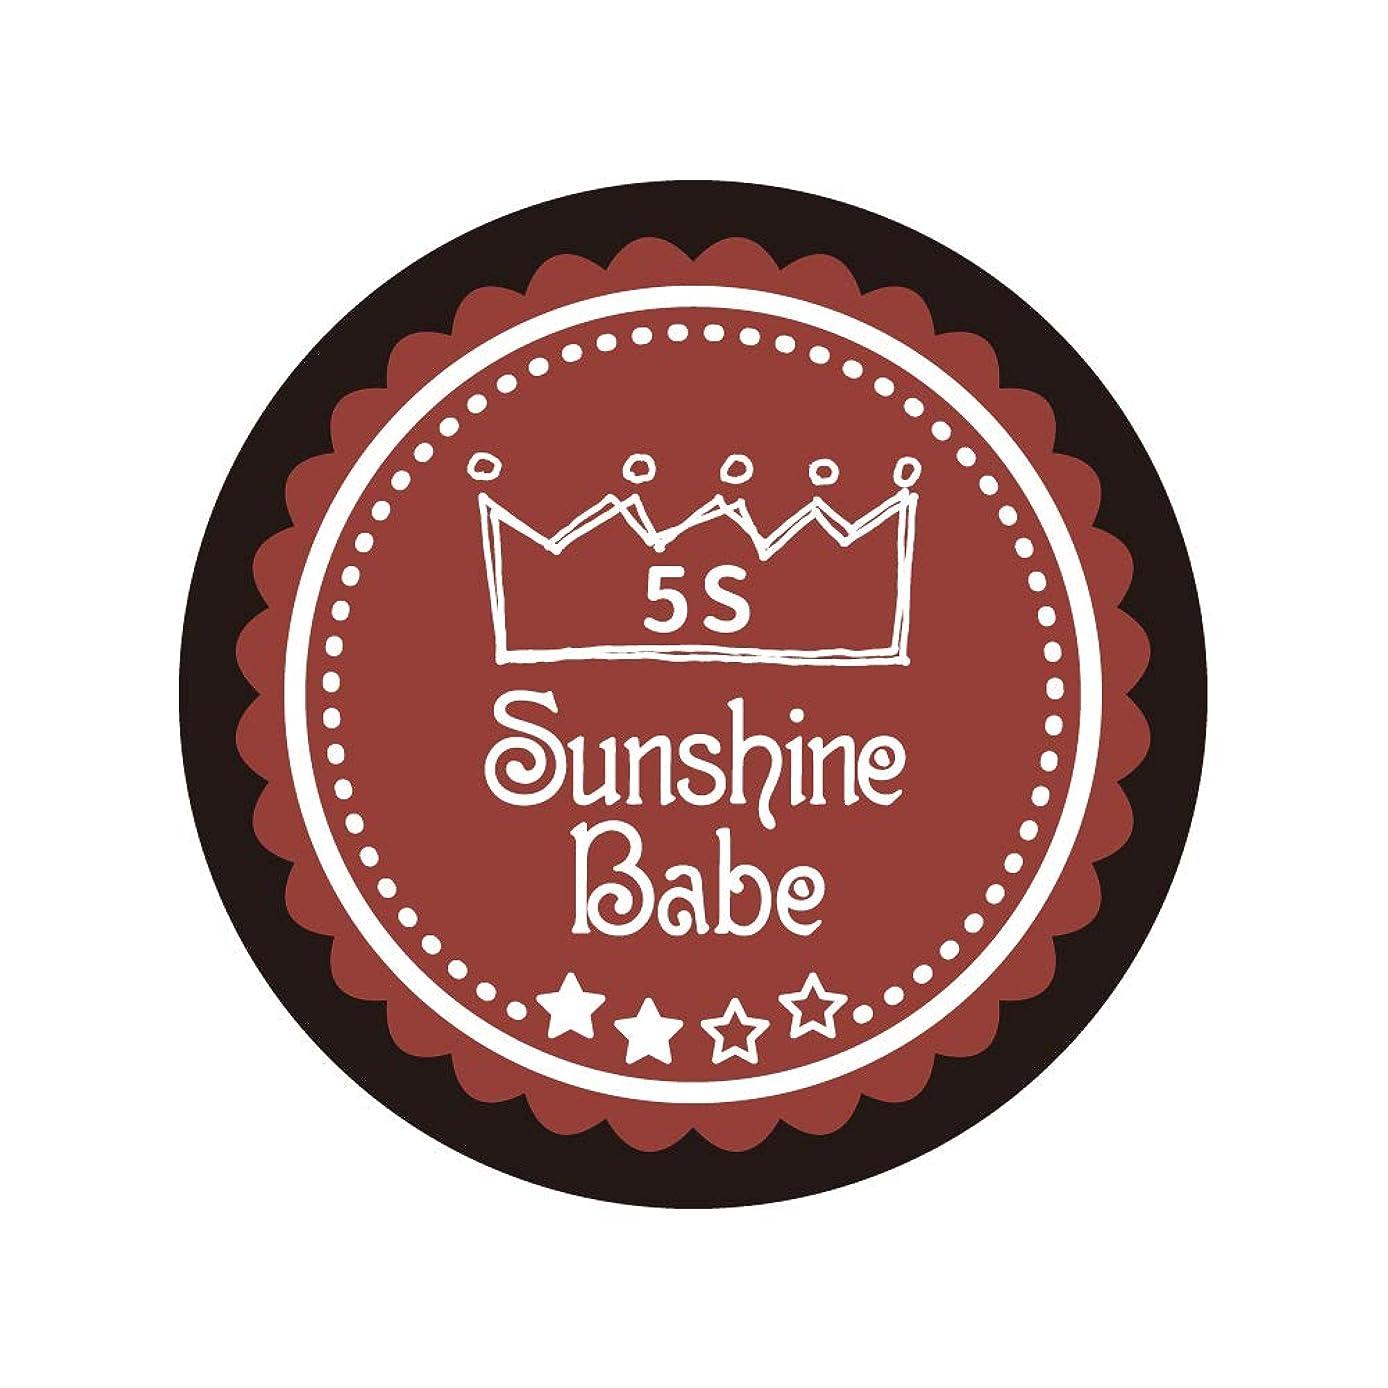 突然先史時代の衝撃Sunshine Babe カラージェル 5S チリオイル 2.7g UV/LED対応